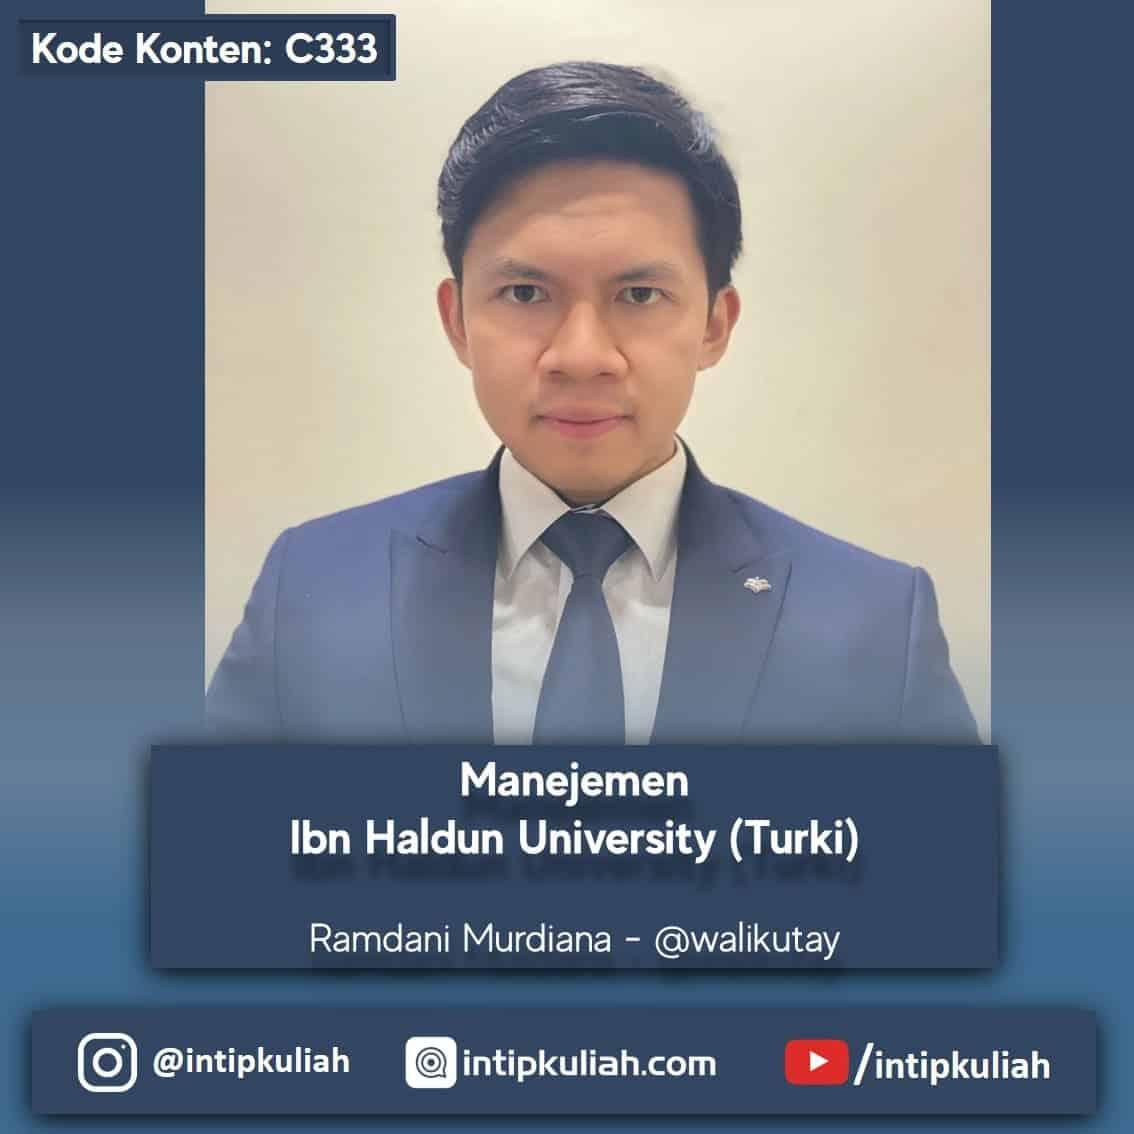 S2 Manajemen Ibn Haldun University (Ramdani)